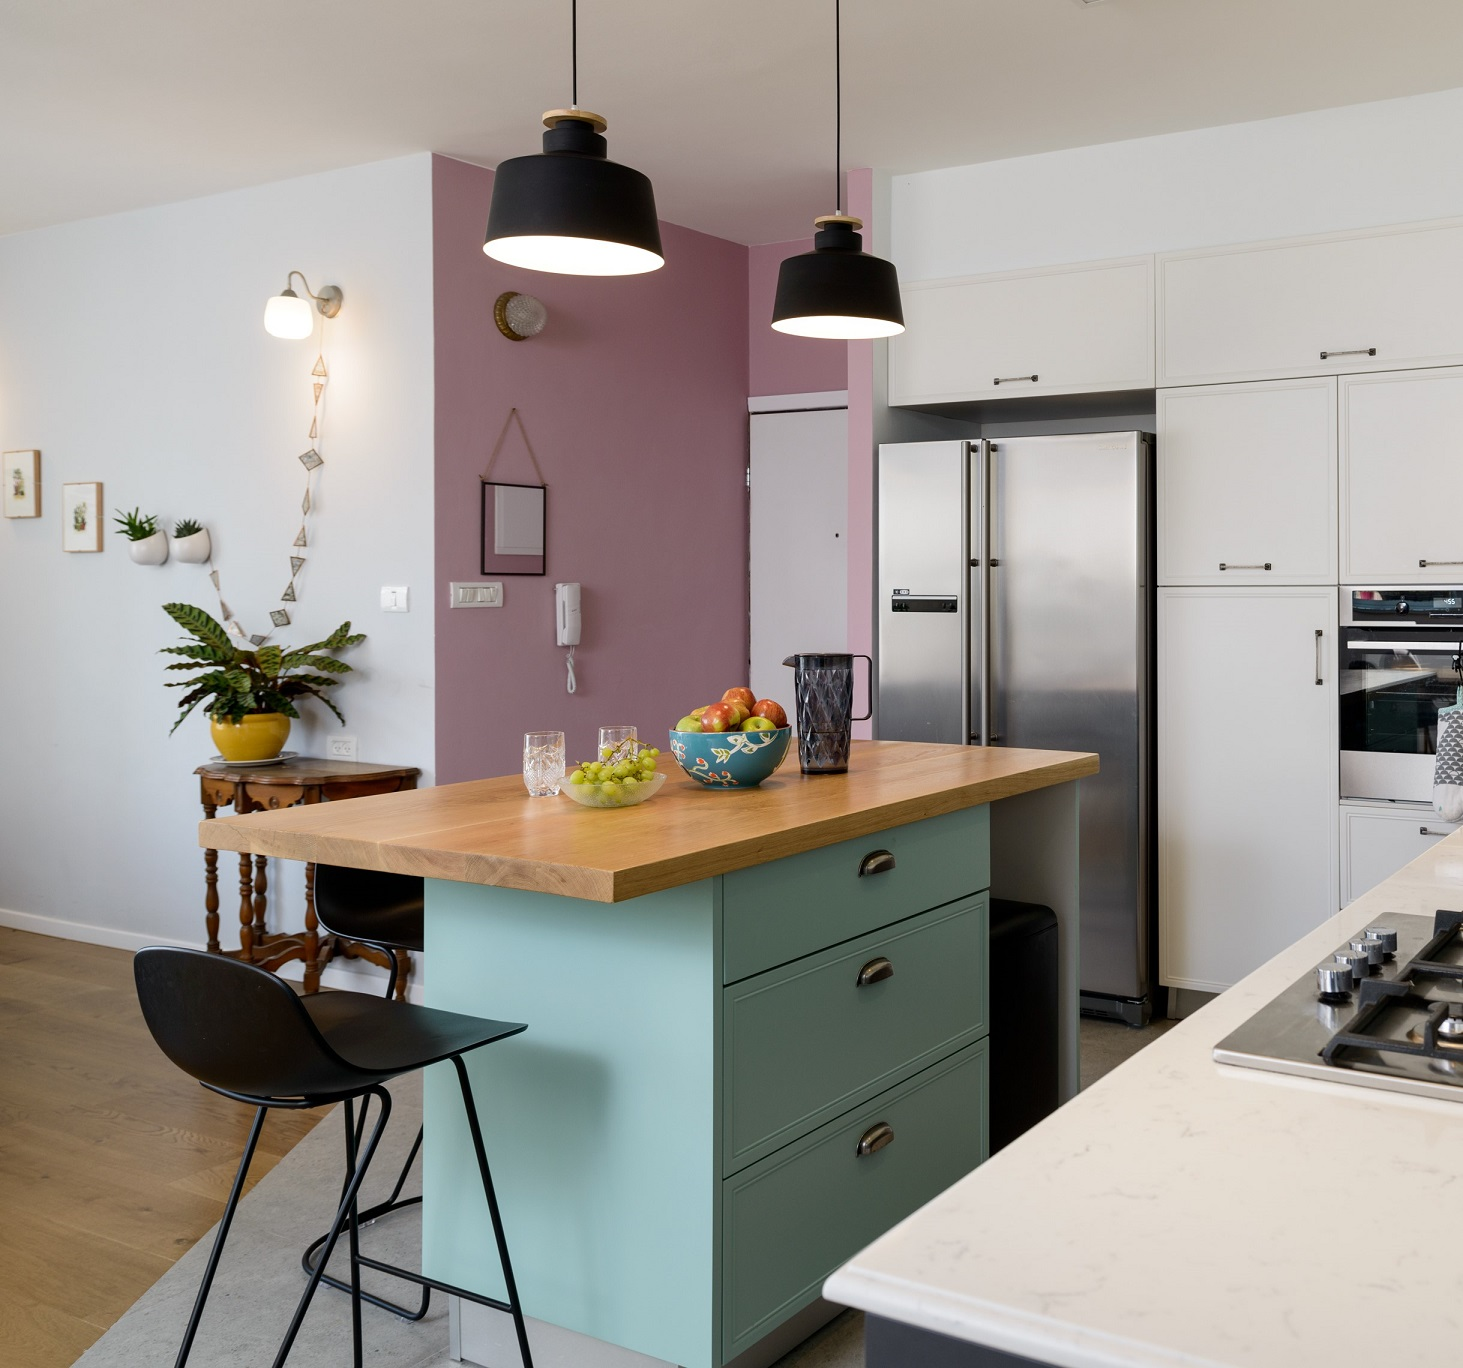 צבע במטבח, באדיבות דומיסיל- ידיות מטבח מעוצבות, עיצוב שני רינג, צילום אדריאן דודה